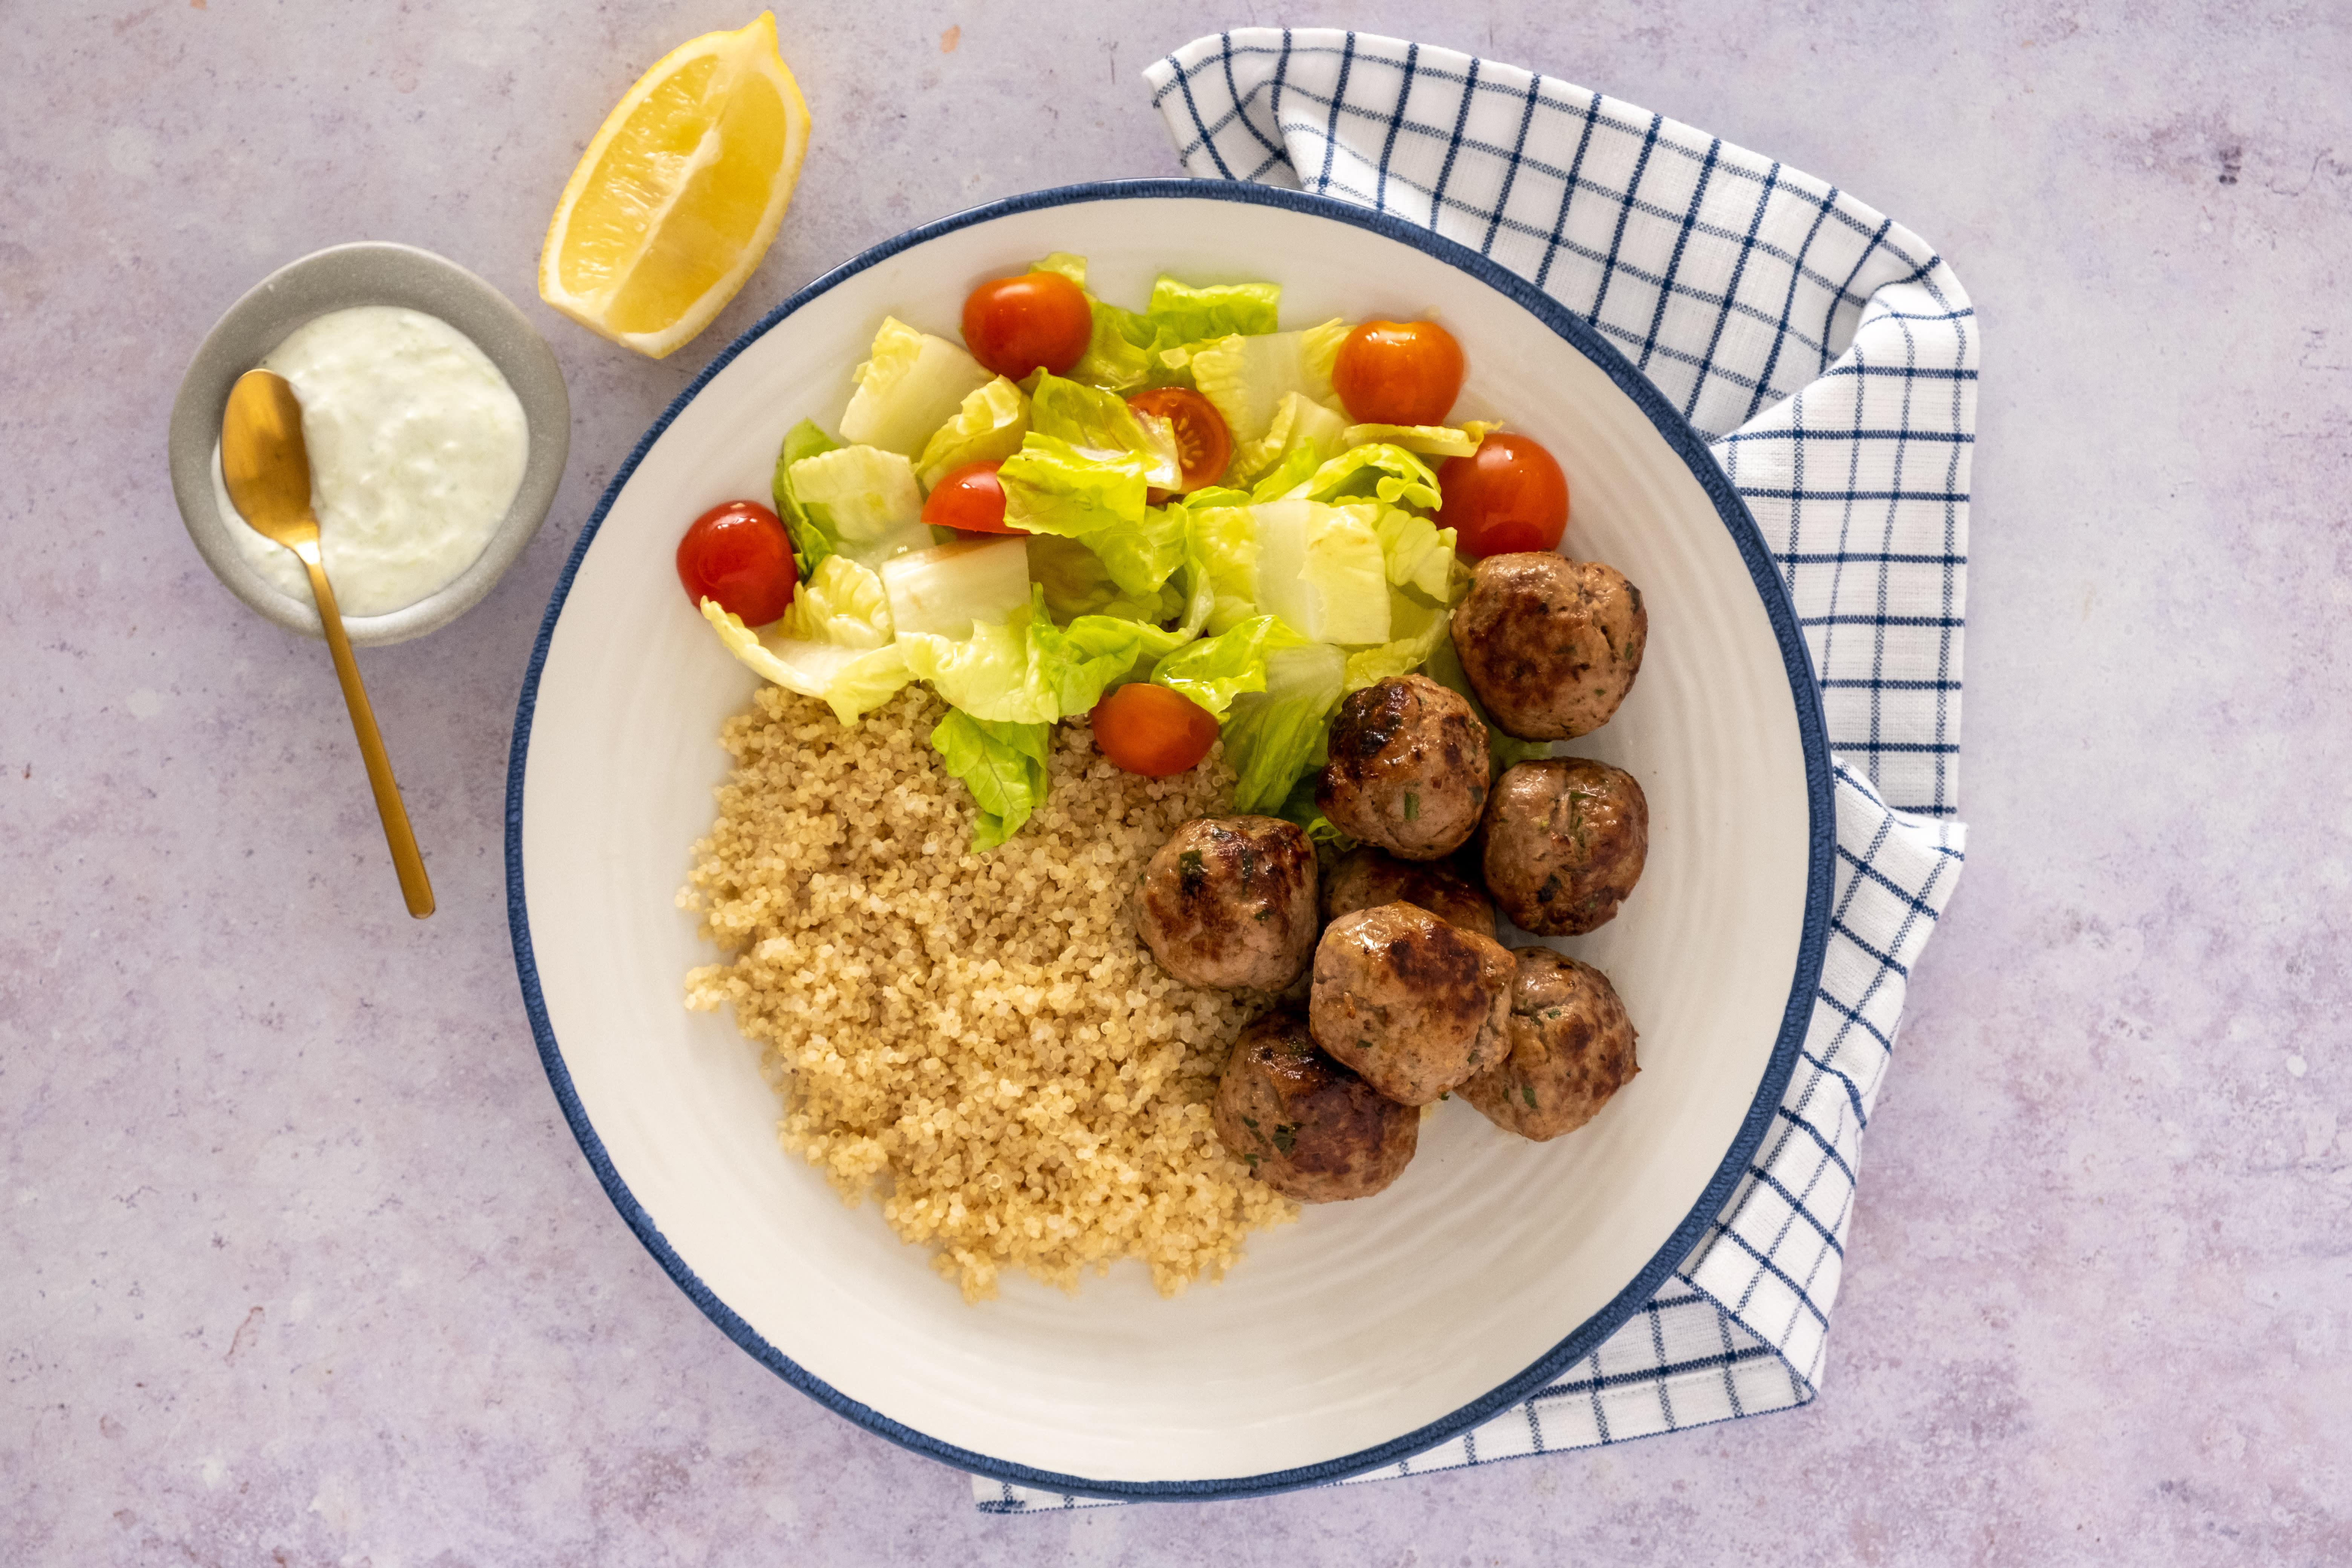 Greek Quinoa and Lamb Meatball Bowl